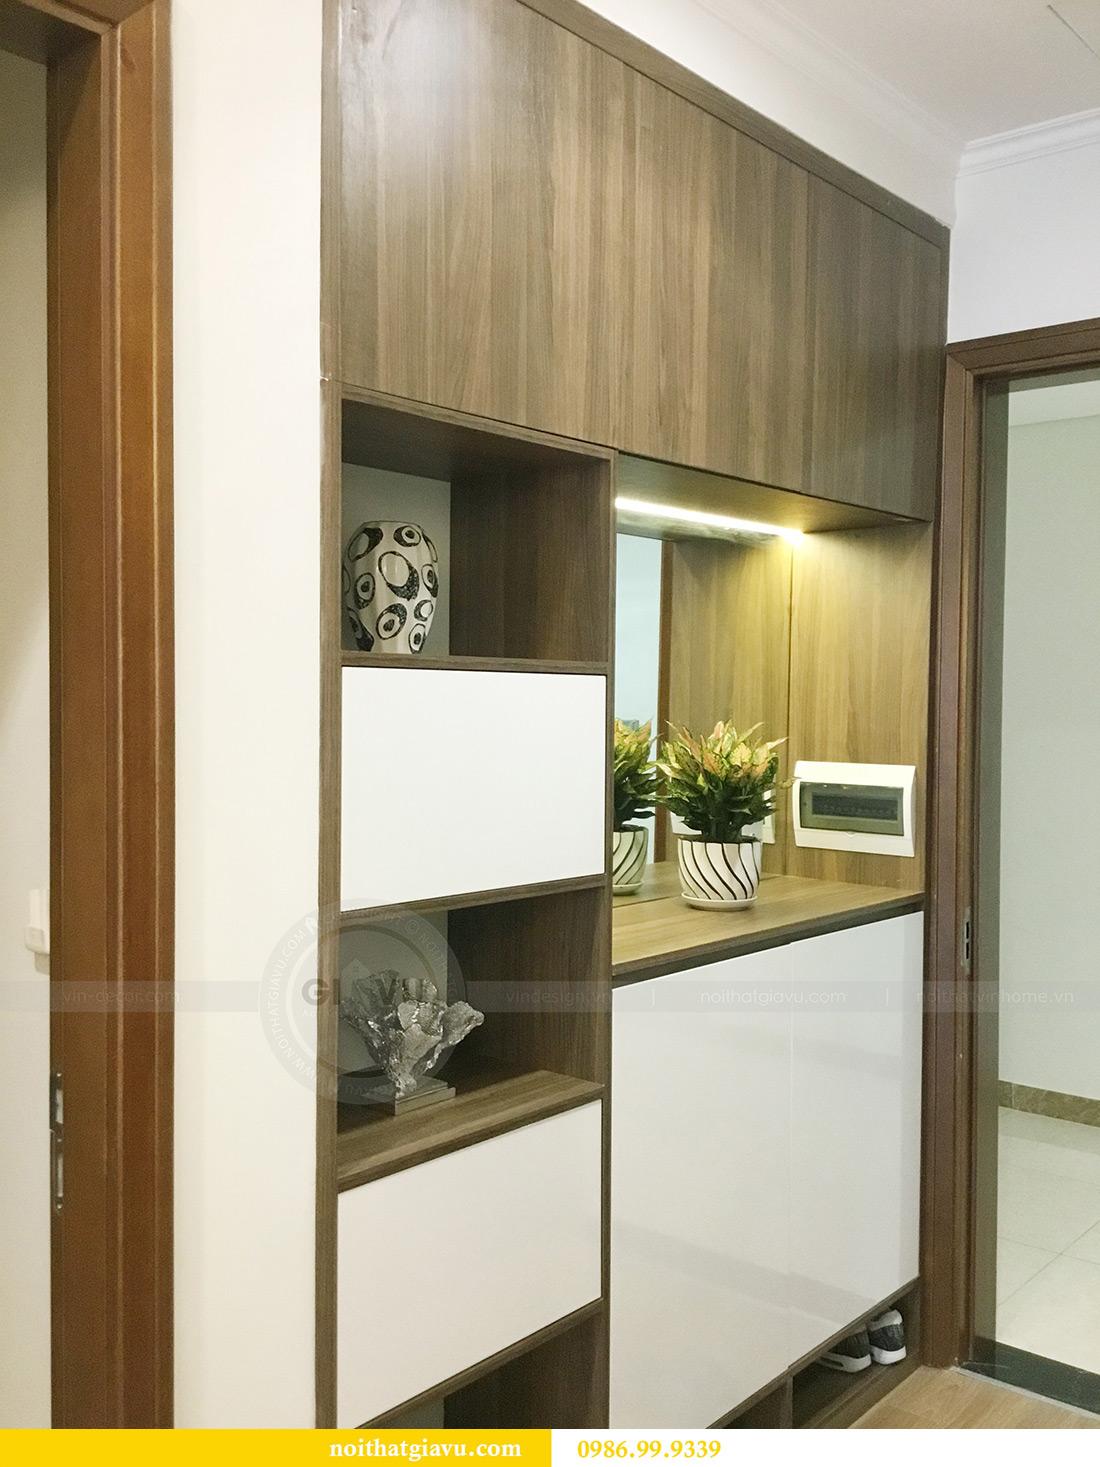 Thi công hoàn thiện nội thất căn hộ 2 phòng ngủ tại Times City Anh Sơn 1